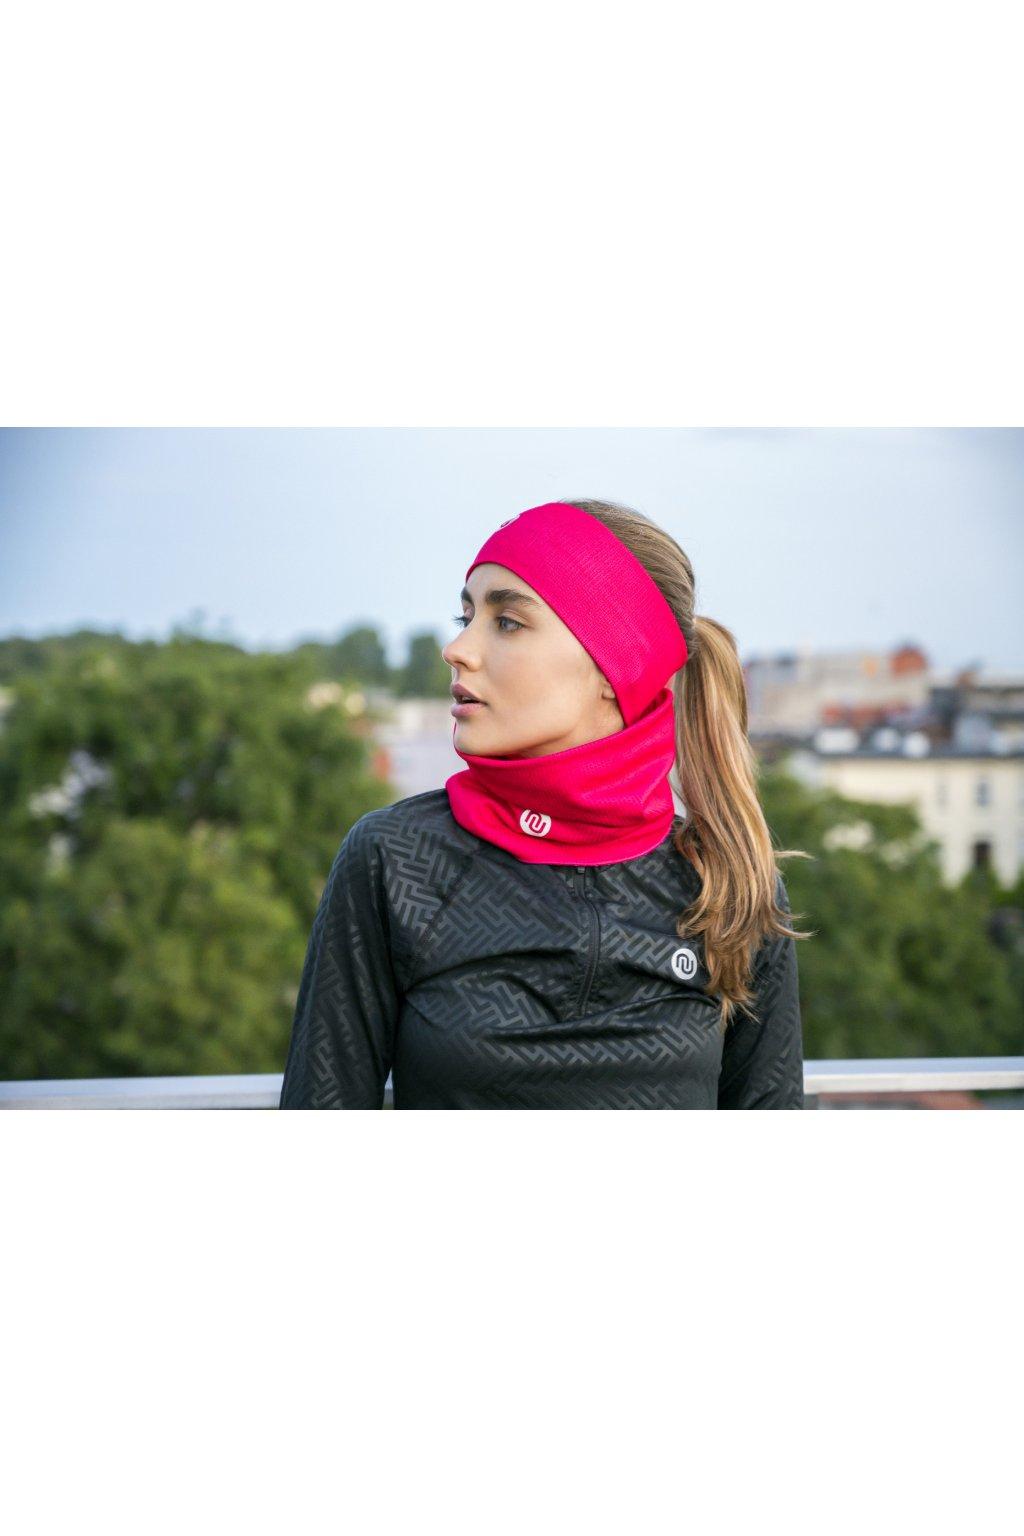 Sportovní Termoaktivní nákrčnik AB2-11X2 - Mirage Pink